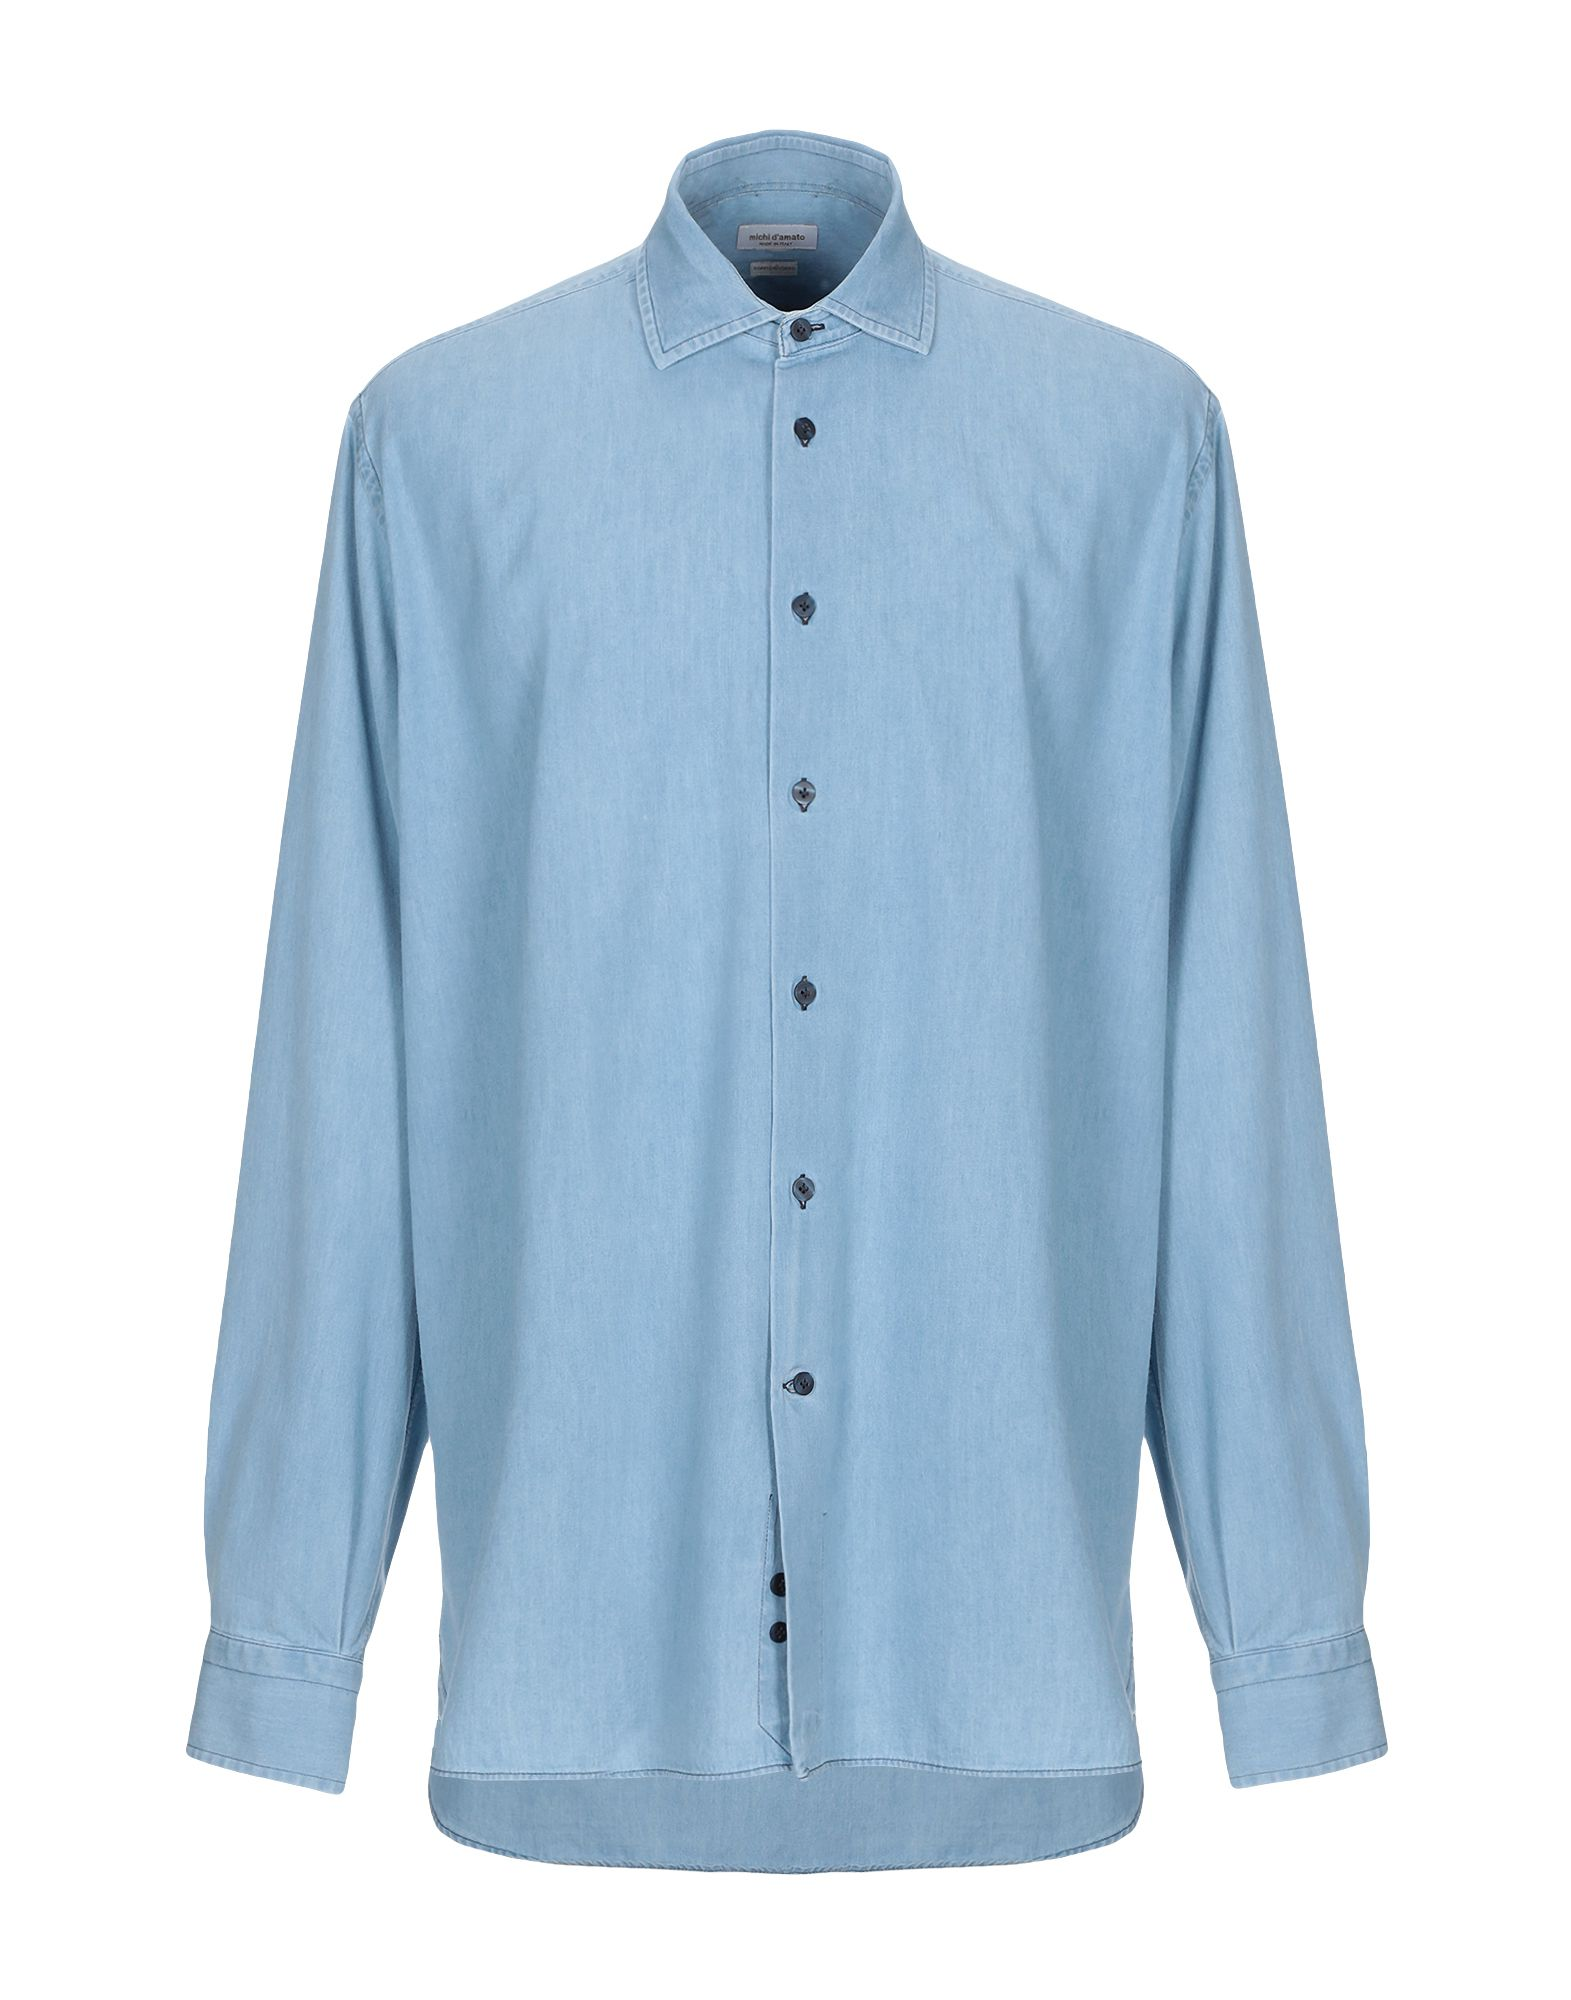 MICHI D'AMATO Джинсовая рубашка michi футболка